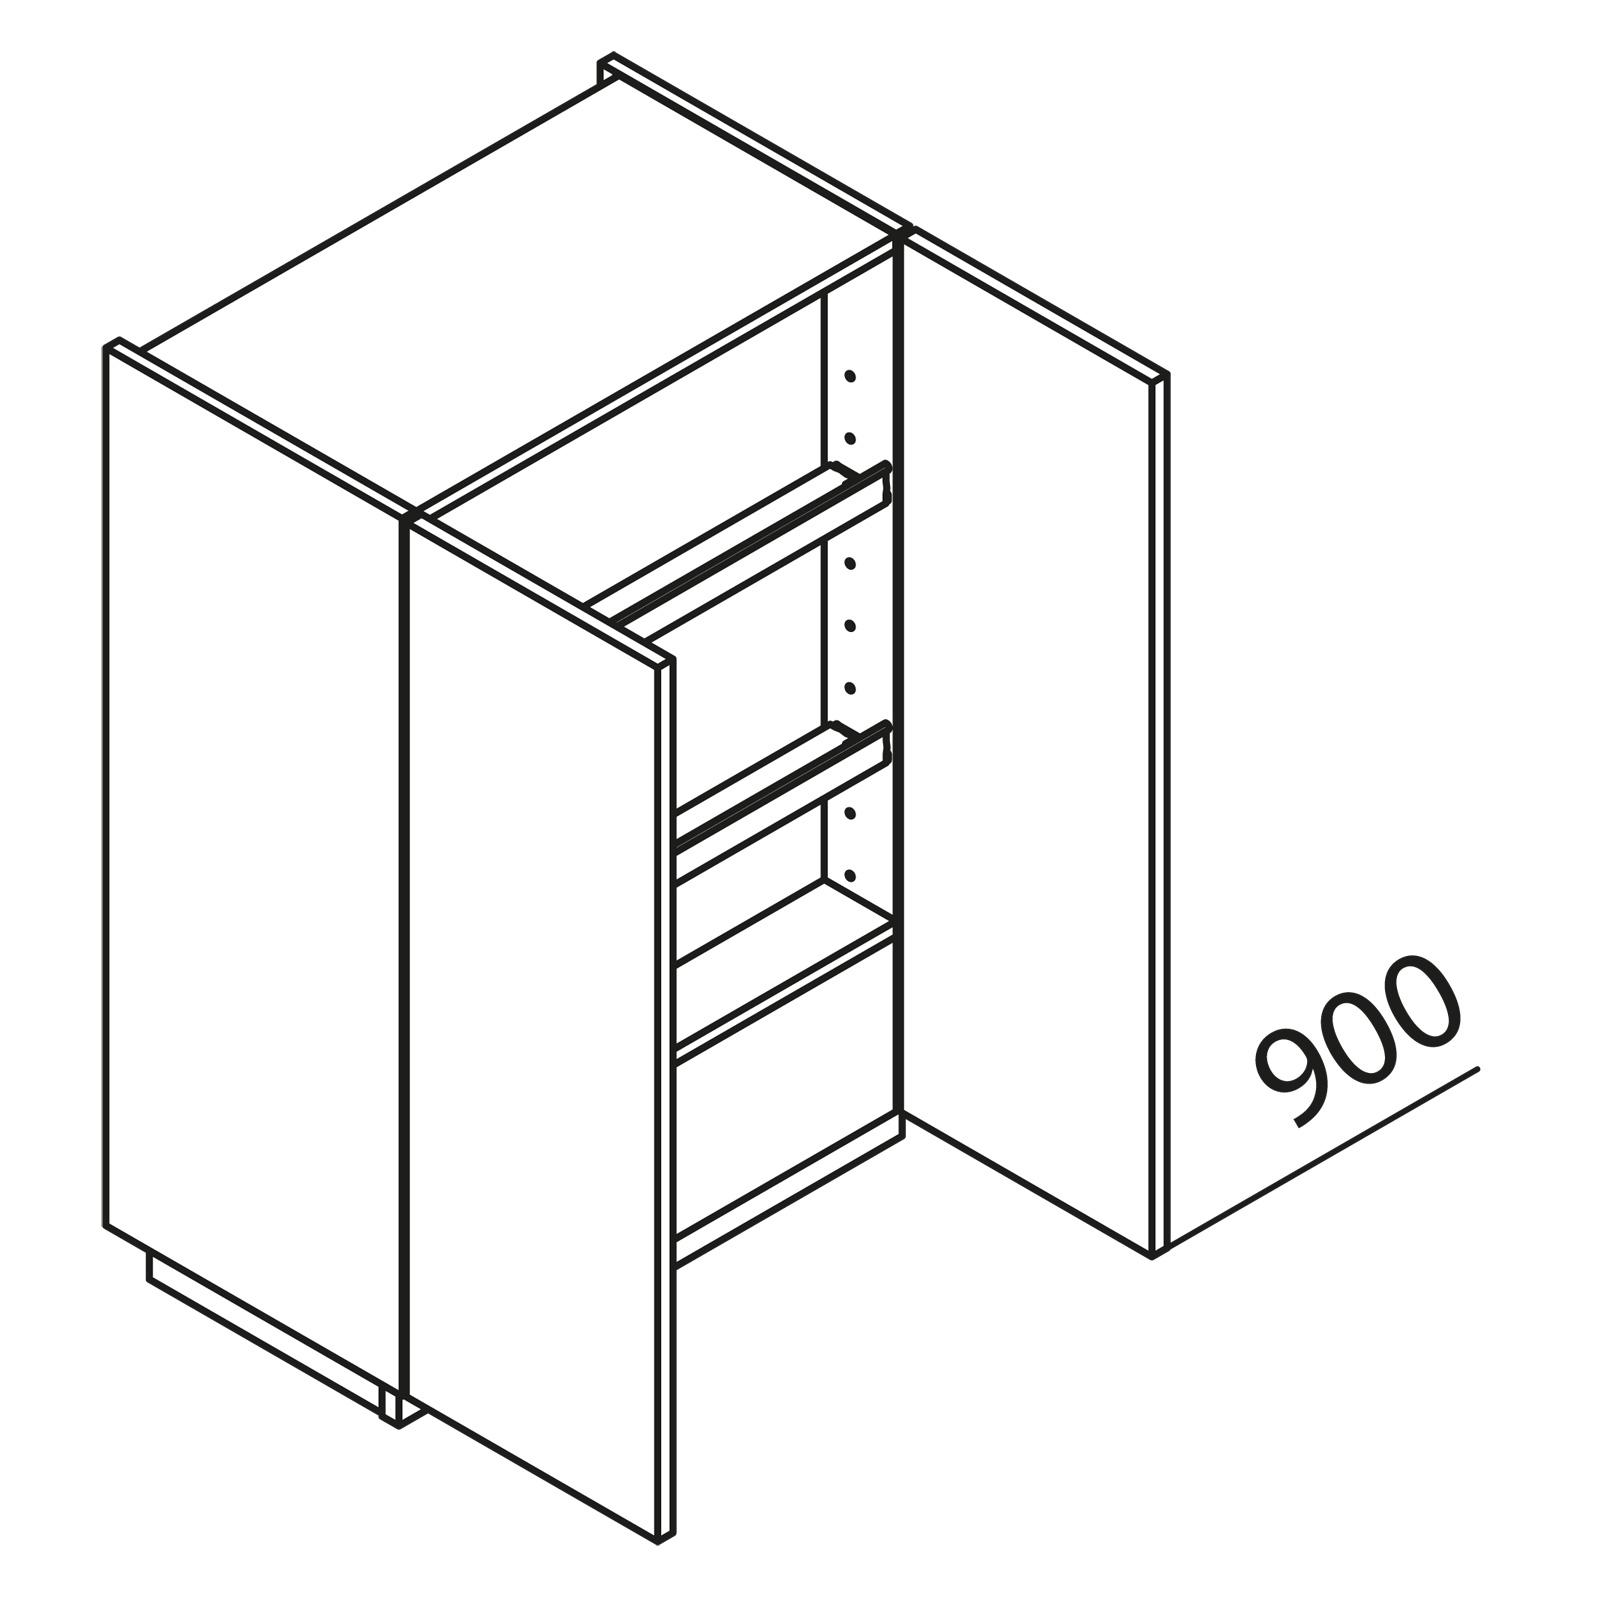 nolte k chen h ngeschrank f r dunstabzug hwut60 90. Black Bedroom Furniture Sets. Home Design Ideas